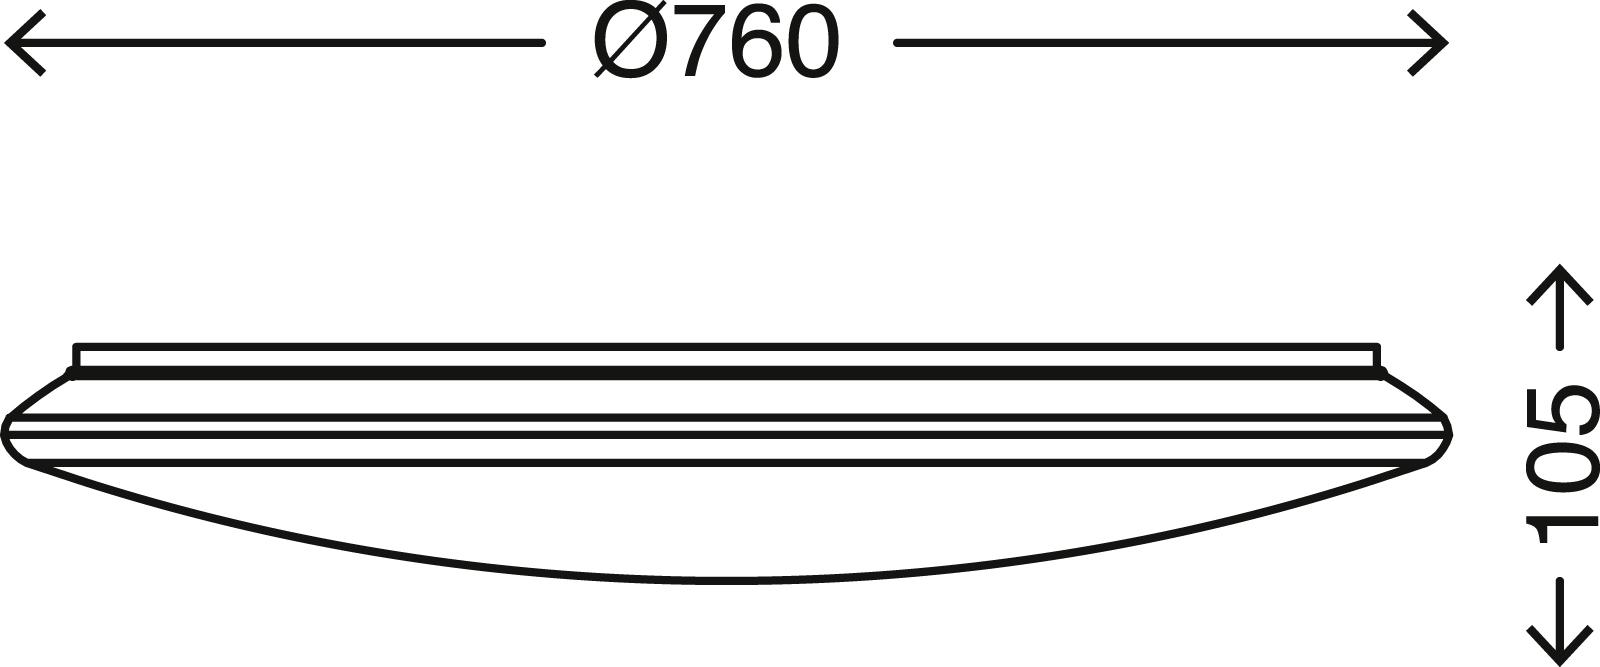 SMART LED Deckenleuchte, Ø 76 cm, 60W, Weiß